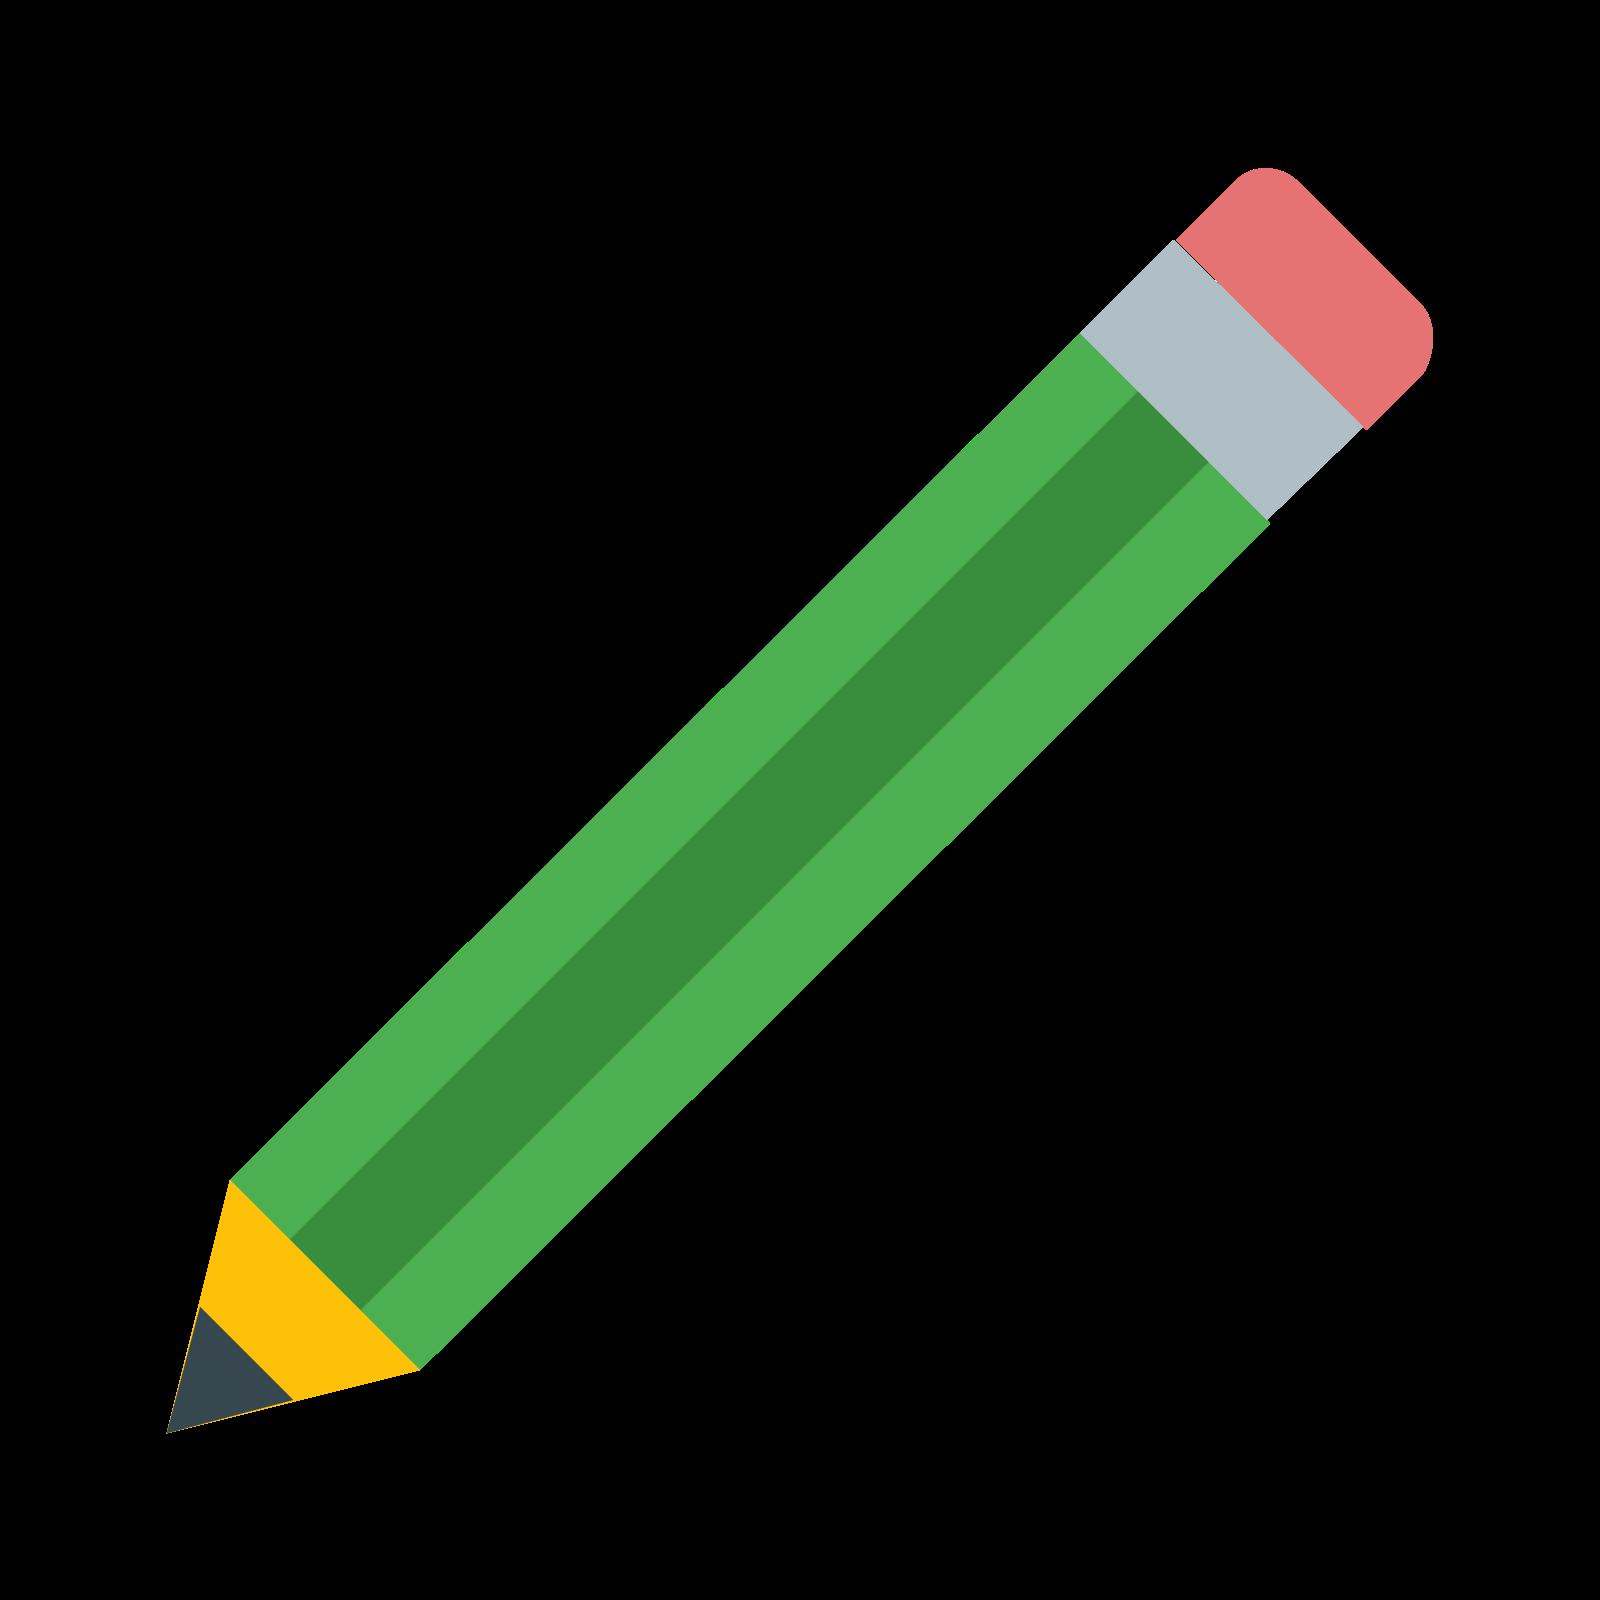 鉛筆 icon